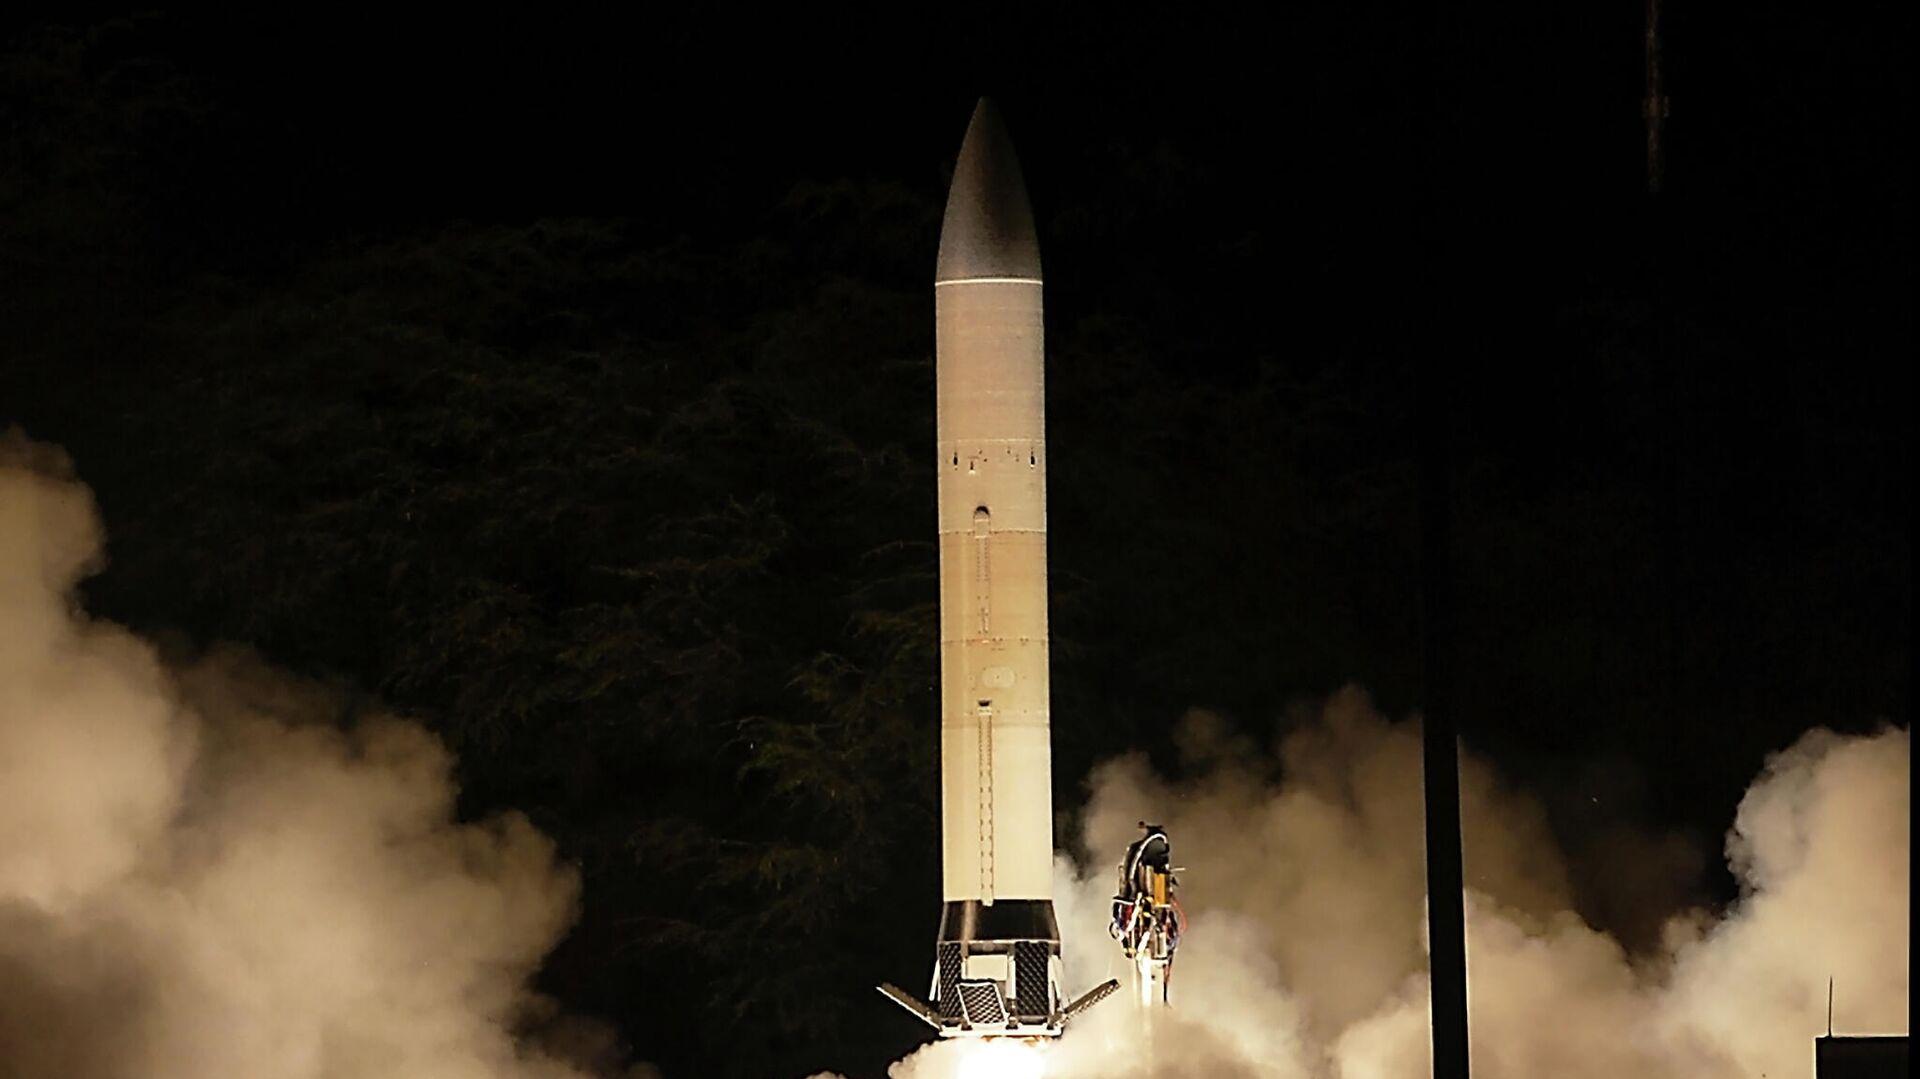 Первый запуск прототипа перспективного гиперзвукового оружия (Advanced Hypersonic Weapon ) на полигоне в США - РИА Новости, 1920, 22.09.2021